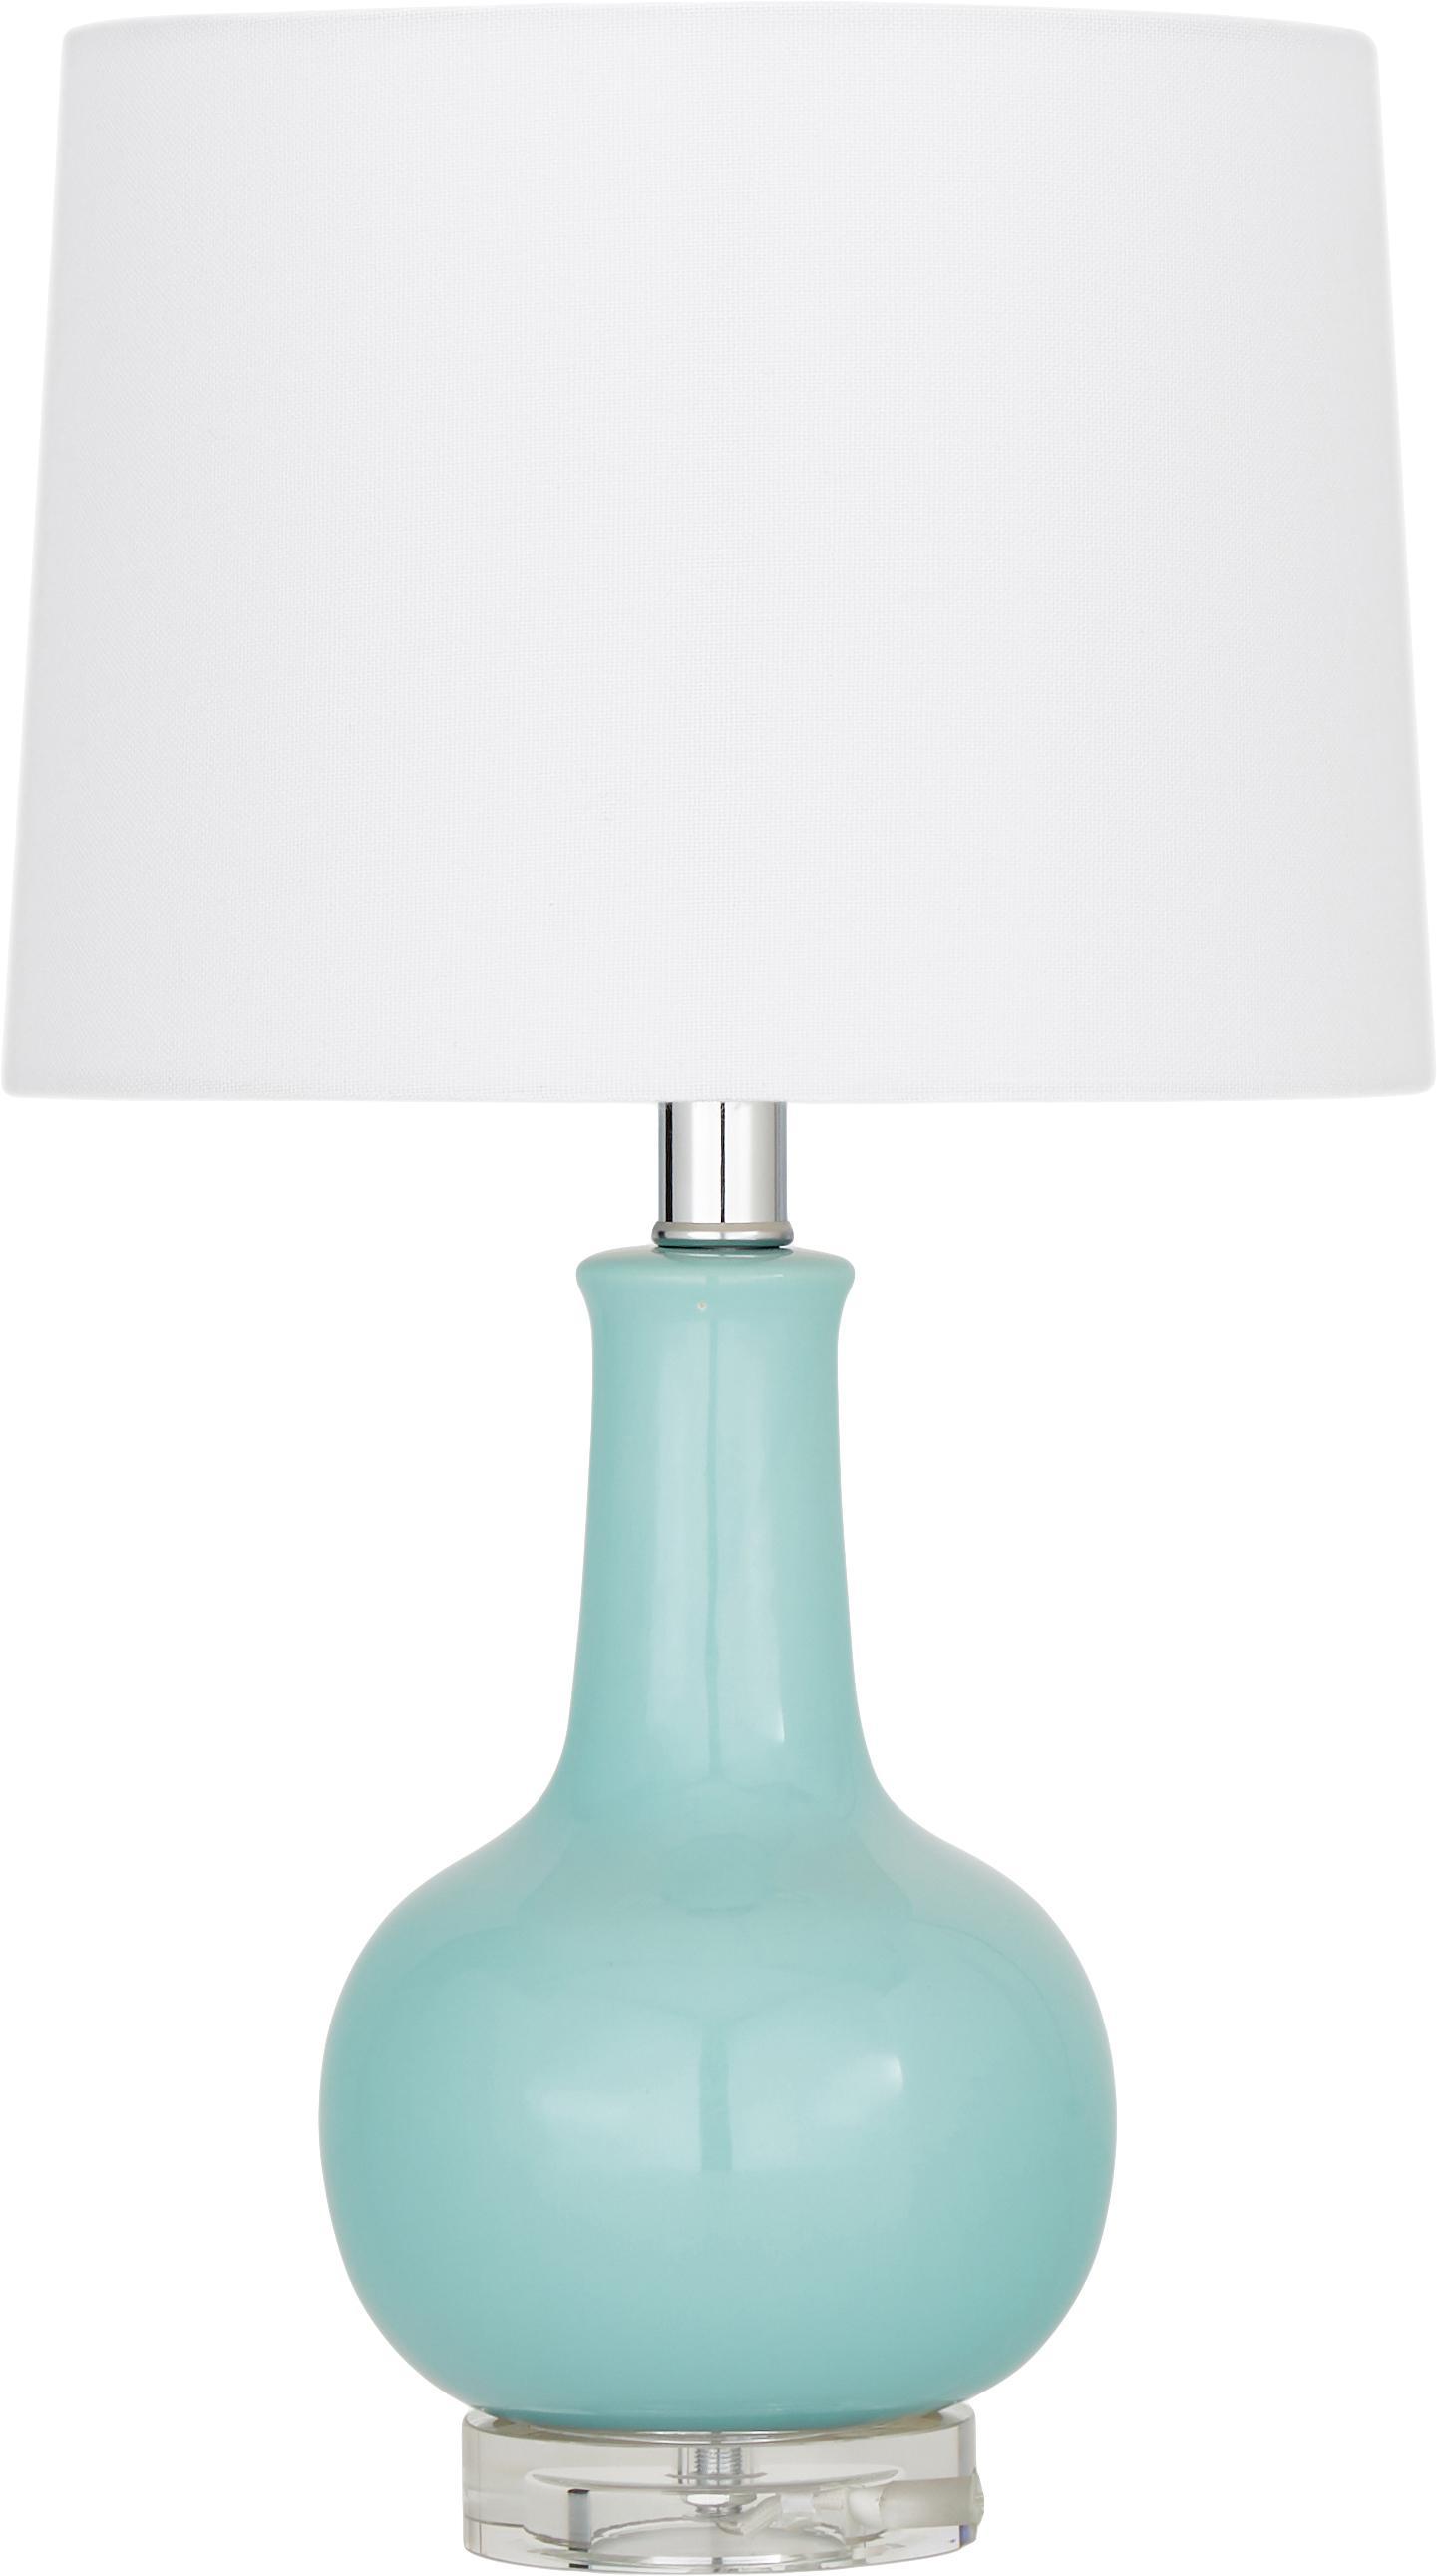 Keramik-Tischlampe Brittany, Lampenschirm: Textil, Sockel: Kristallglas, Weiss, Türkis, Ø 28 x H 48 cm